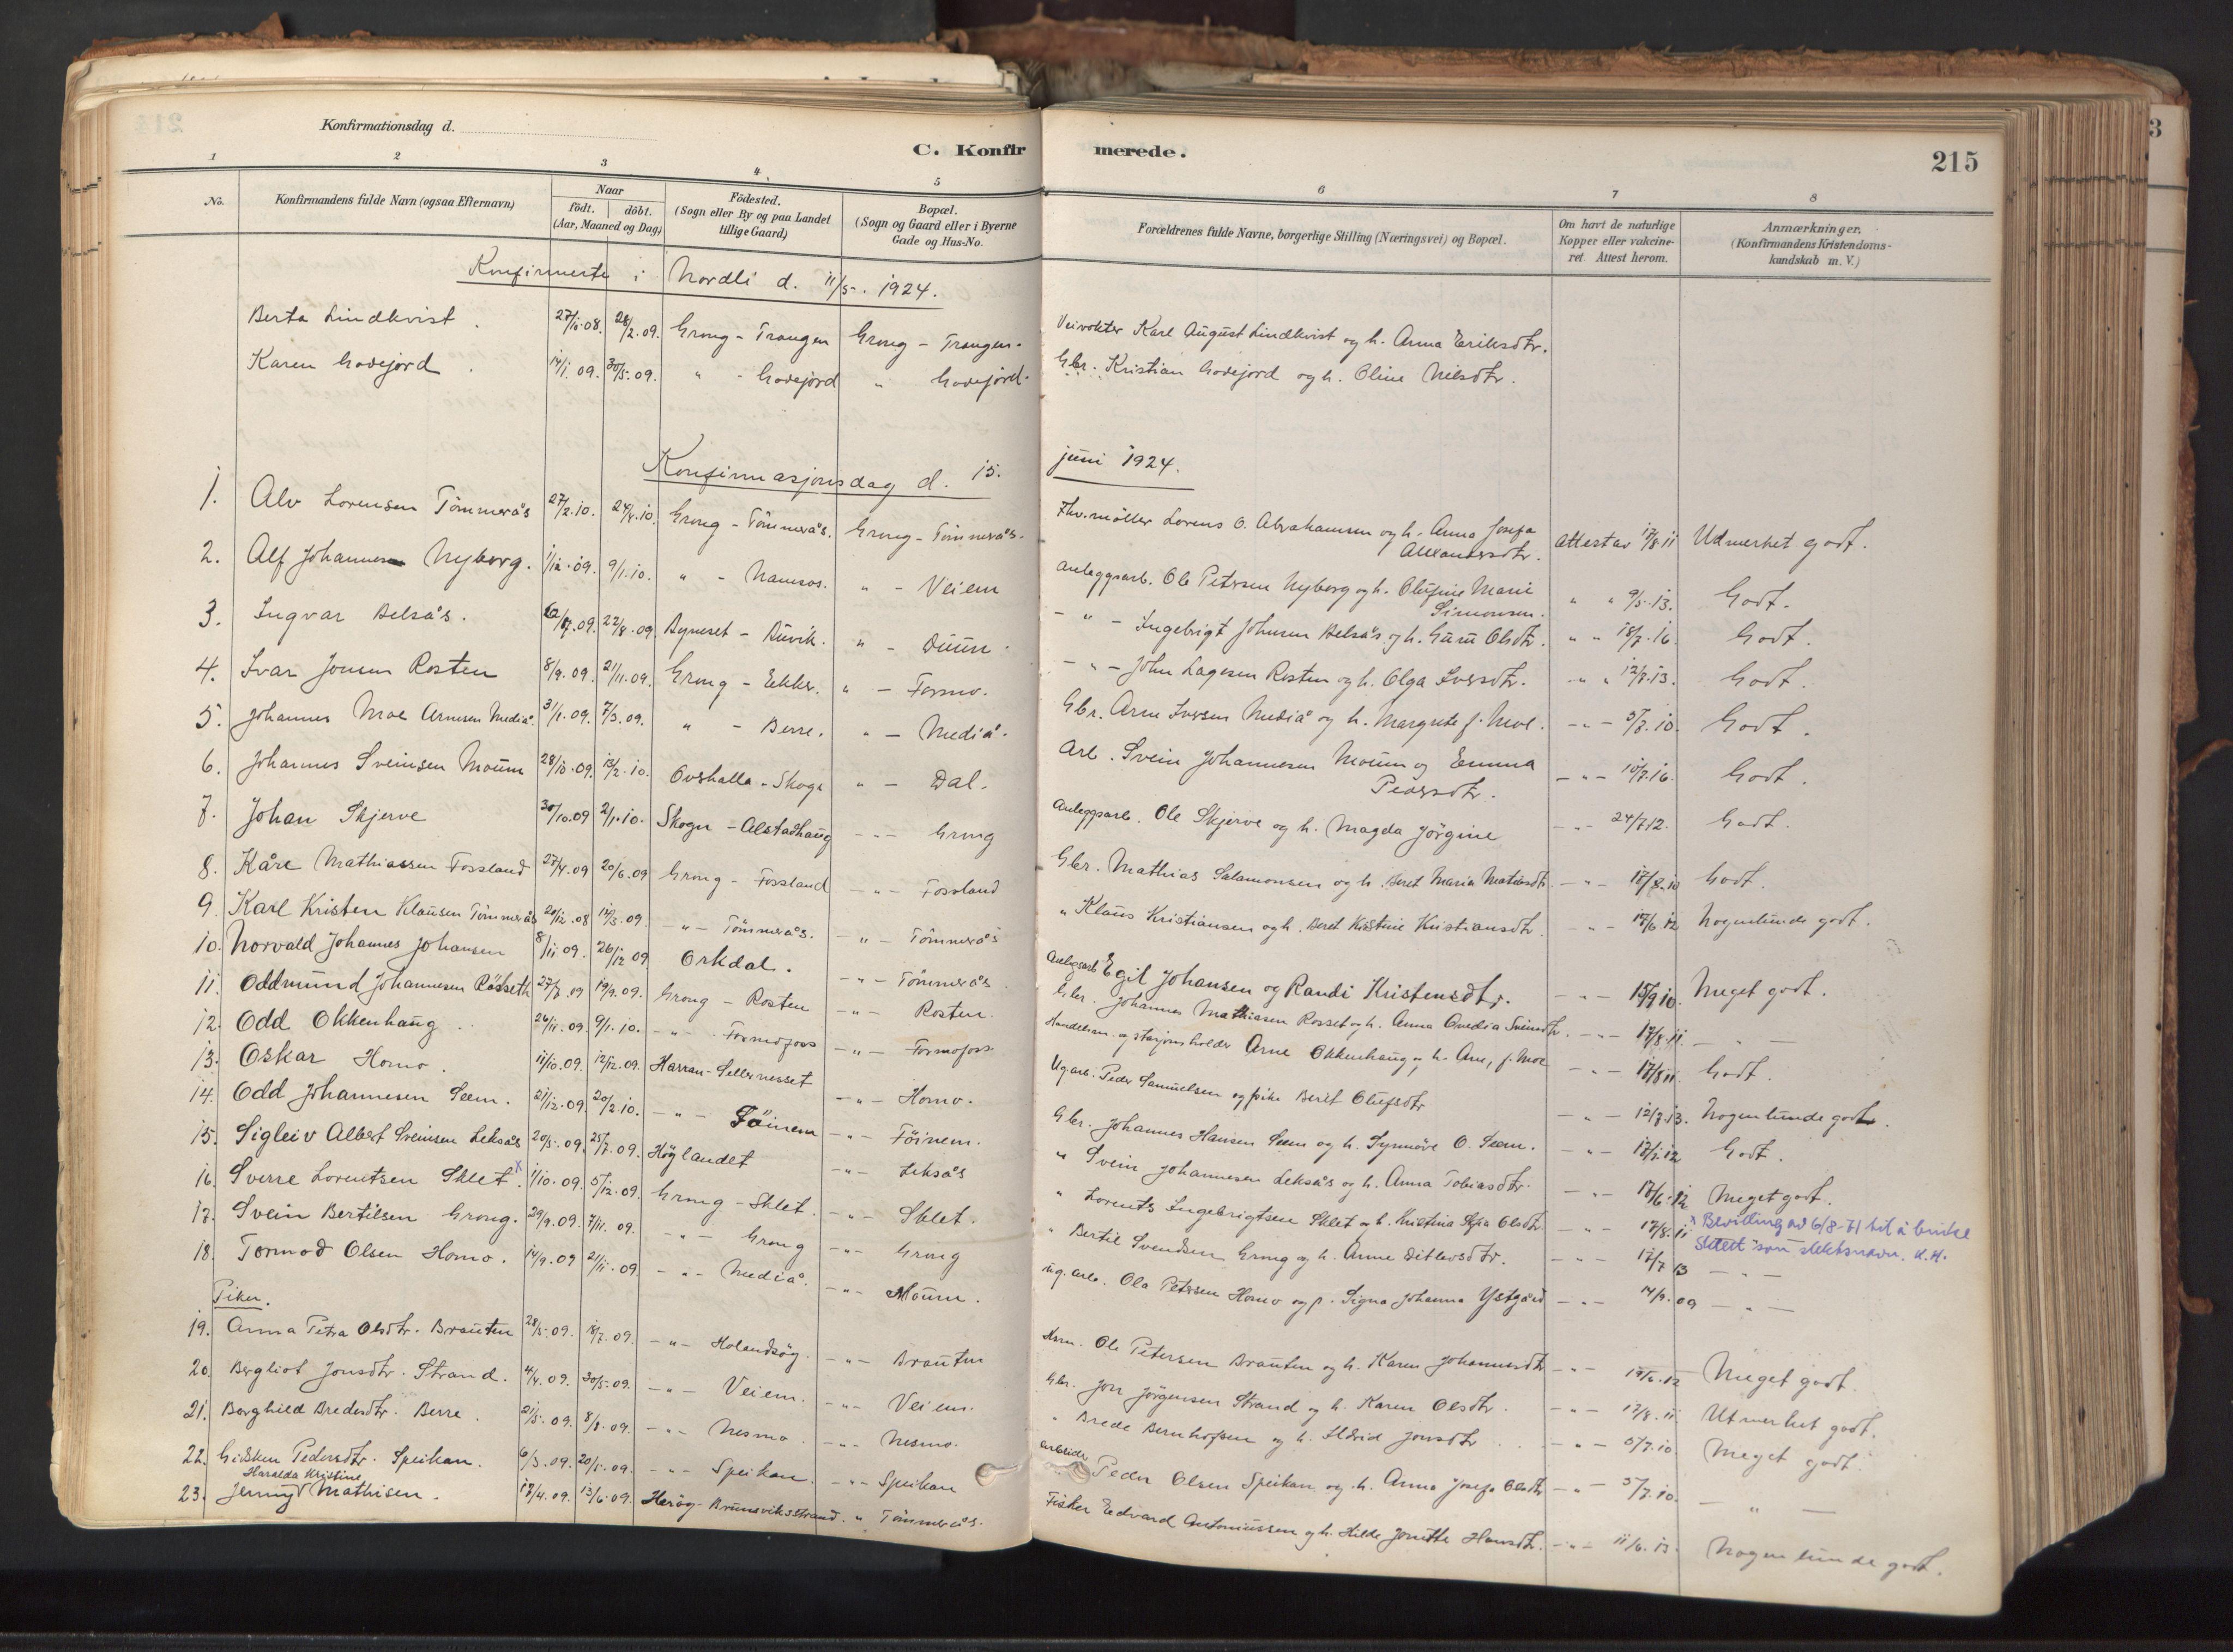 SAT, Ministerialprotokoller, klokkerbøker og fødselsregistre - Nord-Trøndelag, 758/L0519: Ministerialbok nr. 758A04, 1880-1926, s. 215